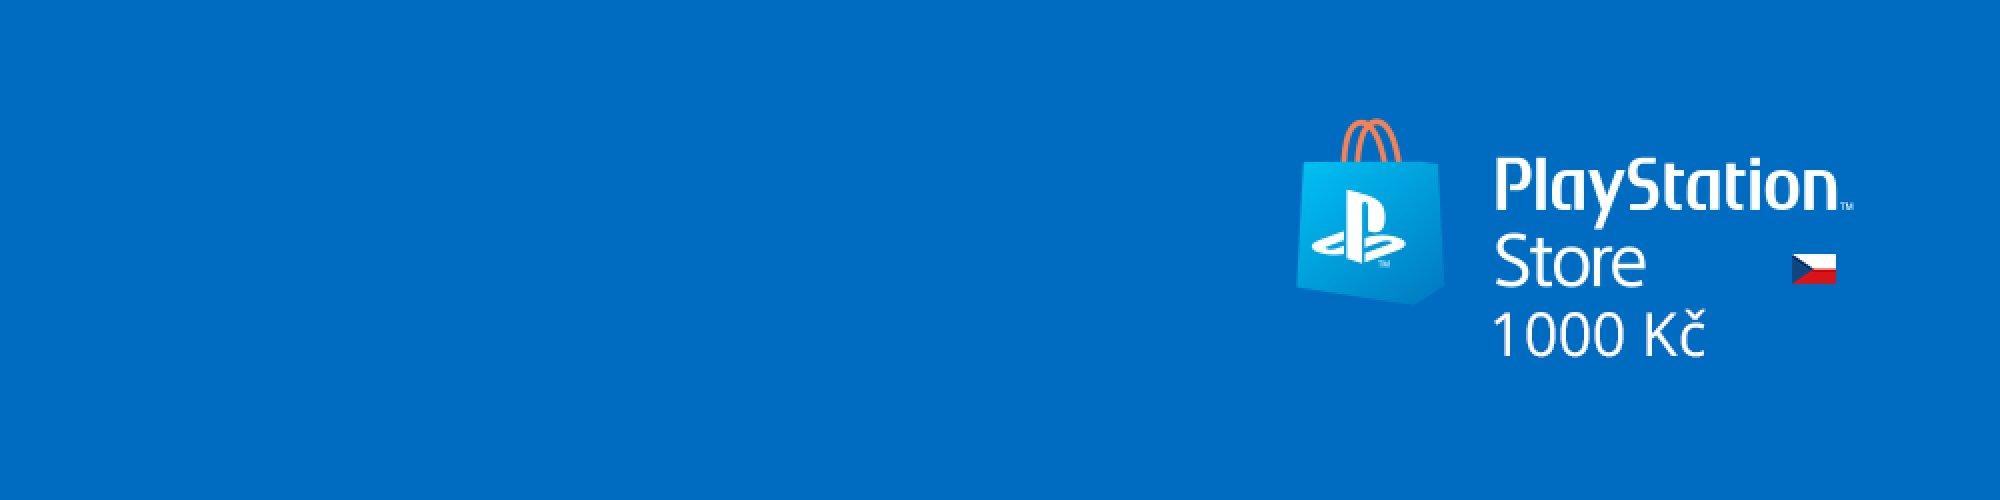 PlayStation Live Cards 1000Kč banner